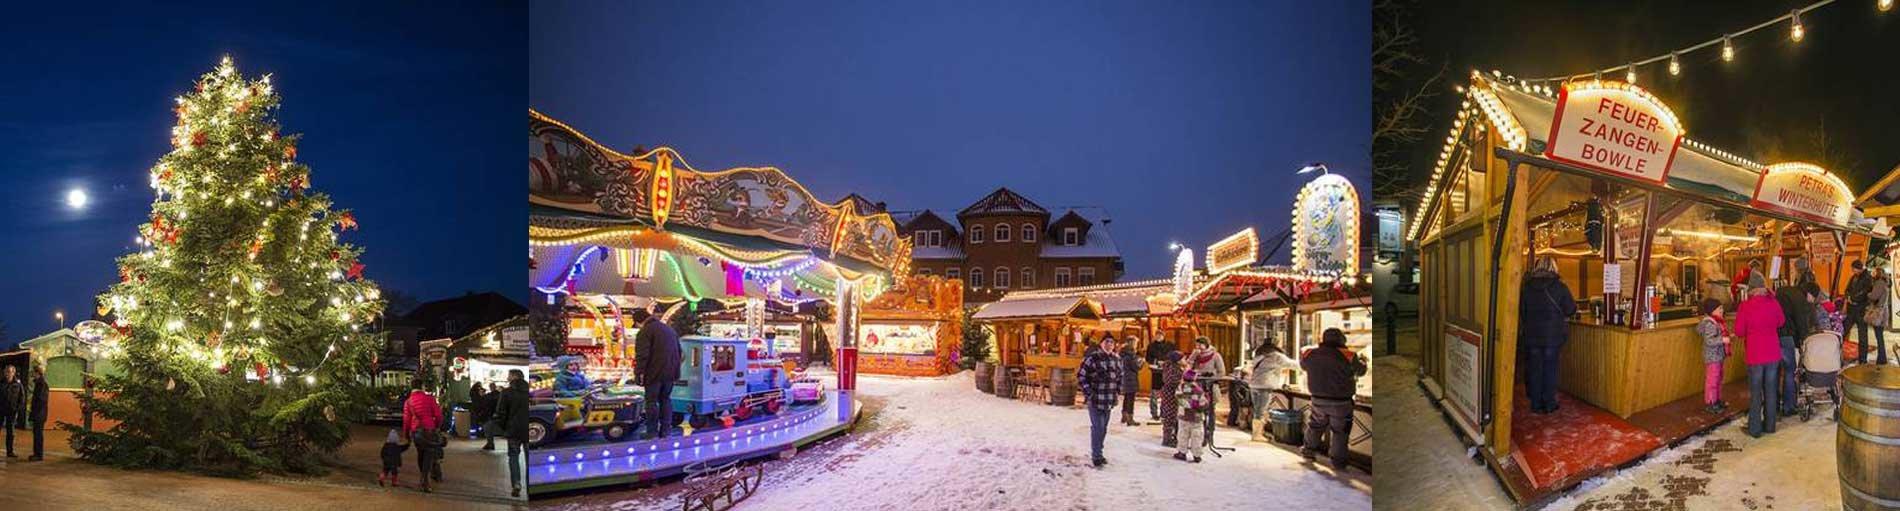 Collage vom Weihnachtsmarkt in Weyhe: Karussel, Weihnachtsbaum und Bratwurt- Stand